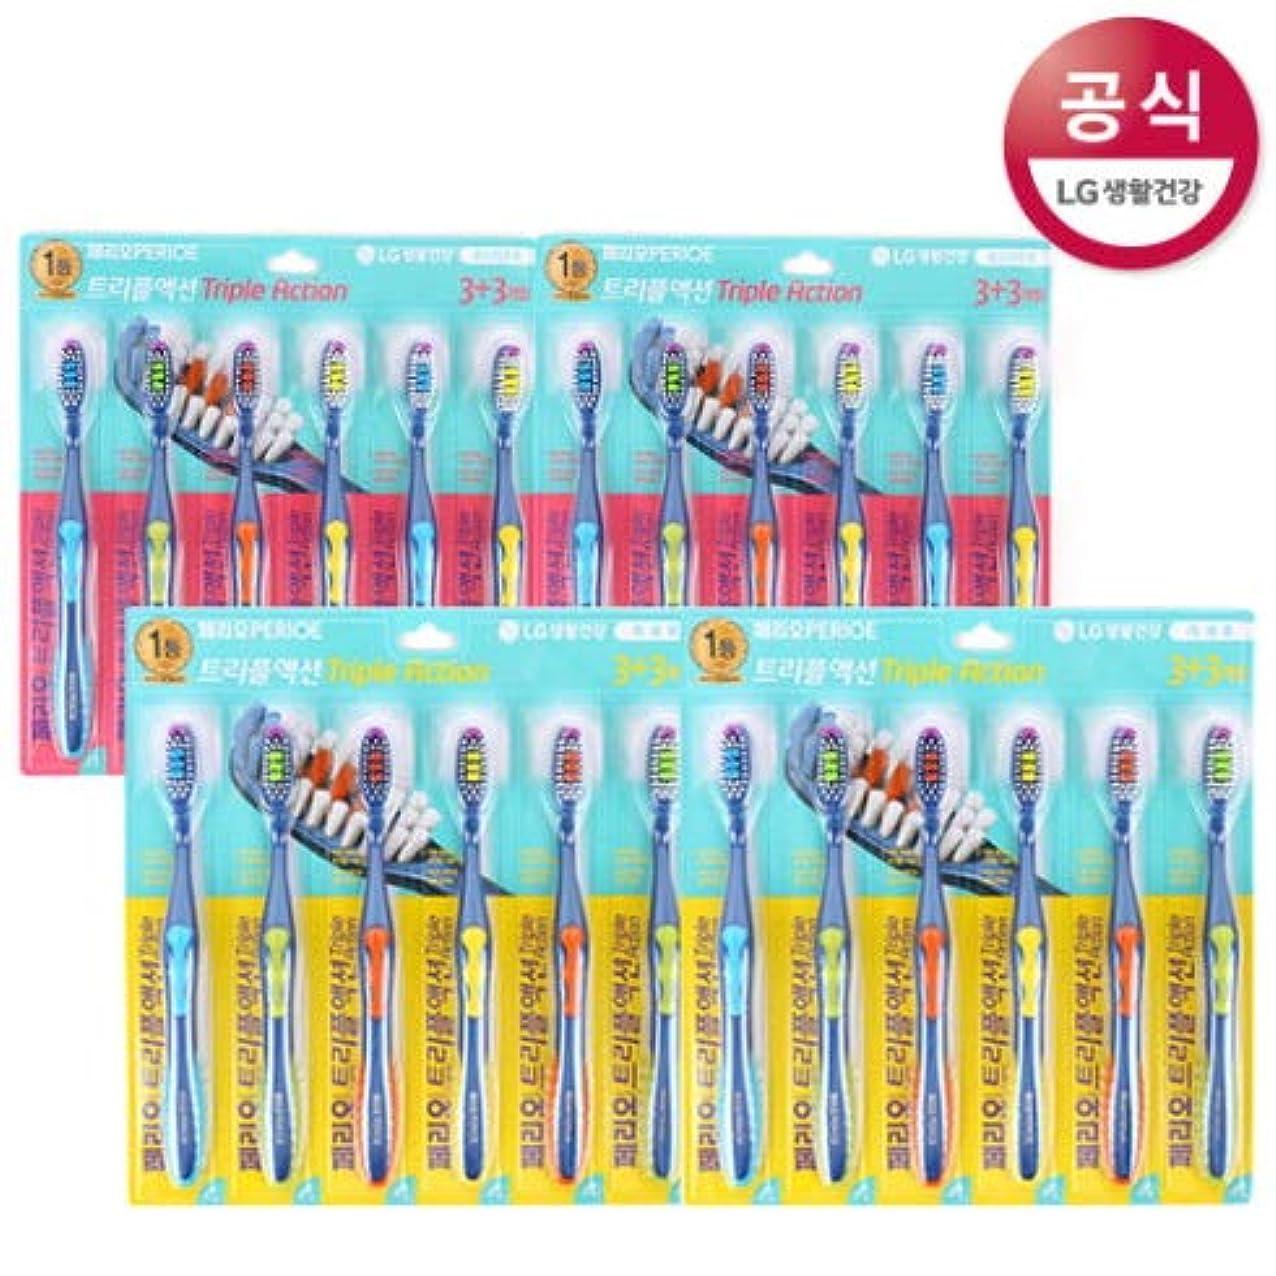 [LG HnB] Perio Triple Action Toothbrush/ペリオトリプルアクション歯ブラシ 6口x4個(海外直送品)